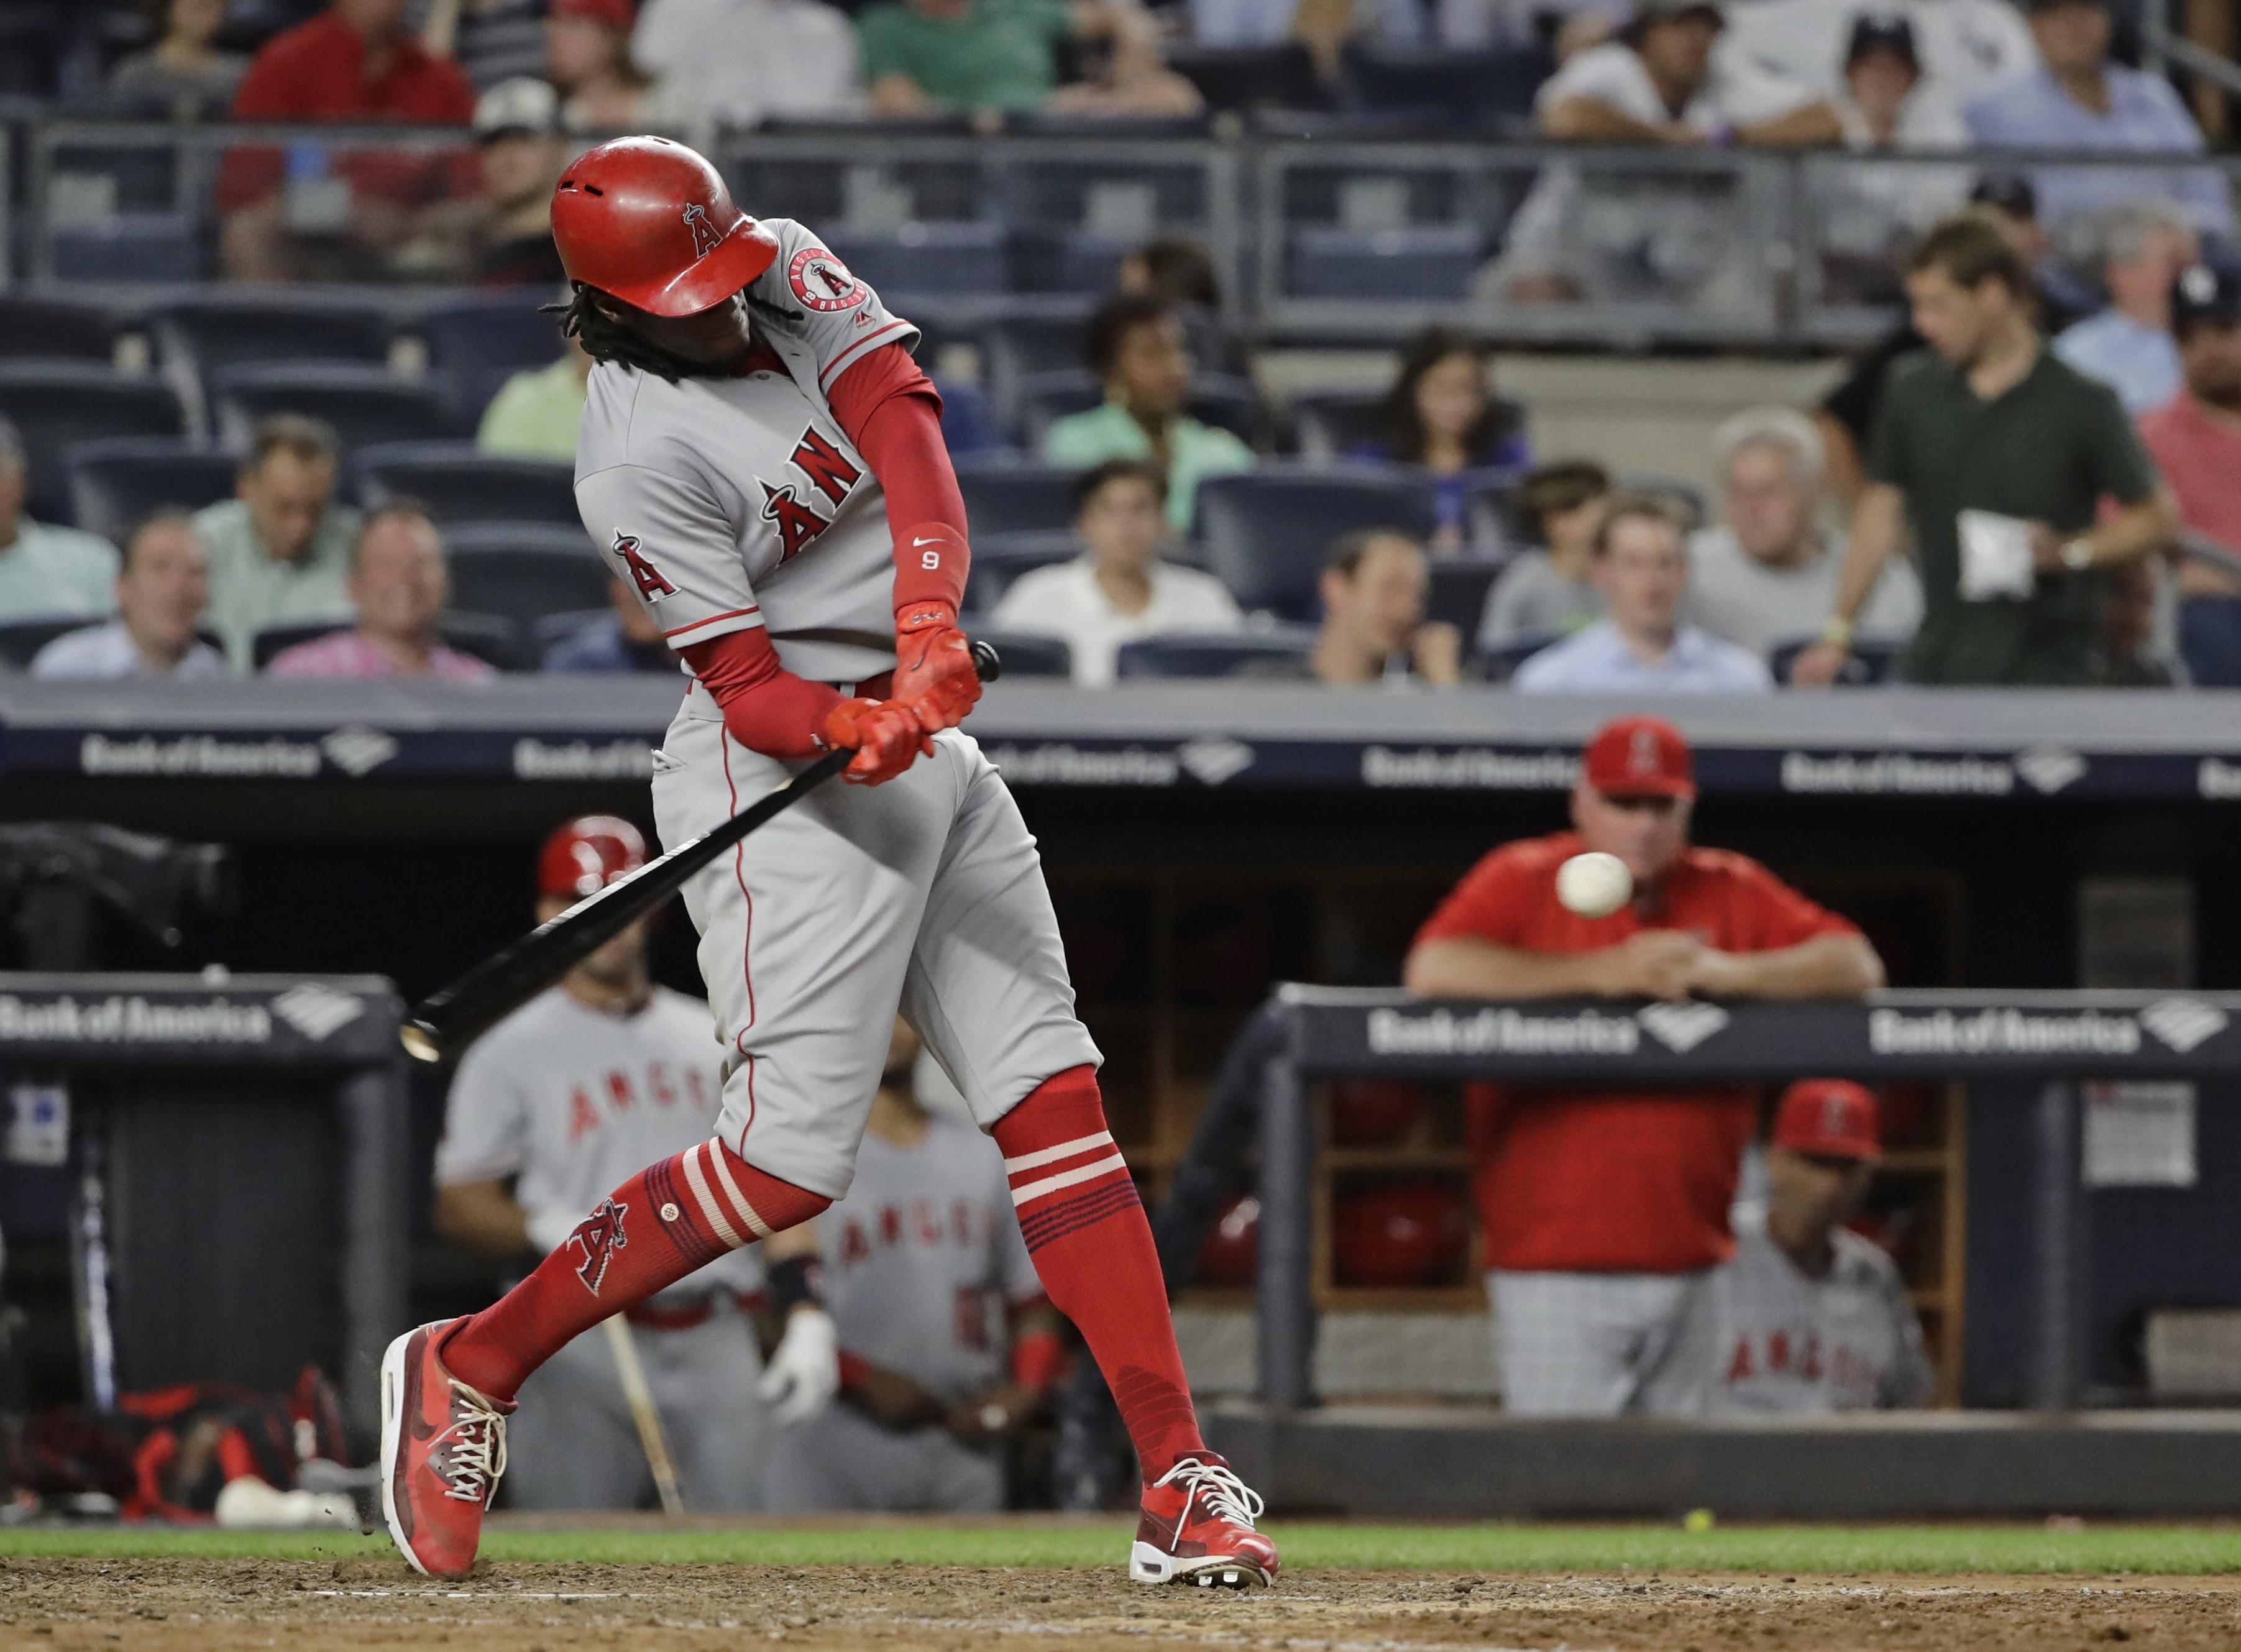 Angels_yankees_baseball_98987